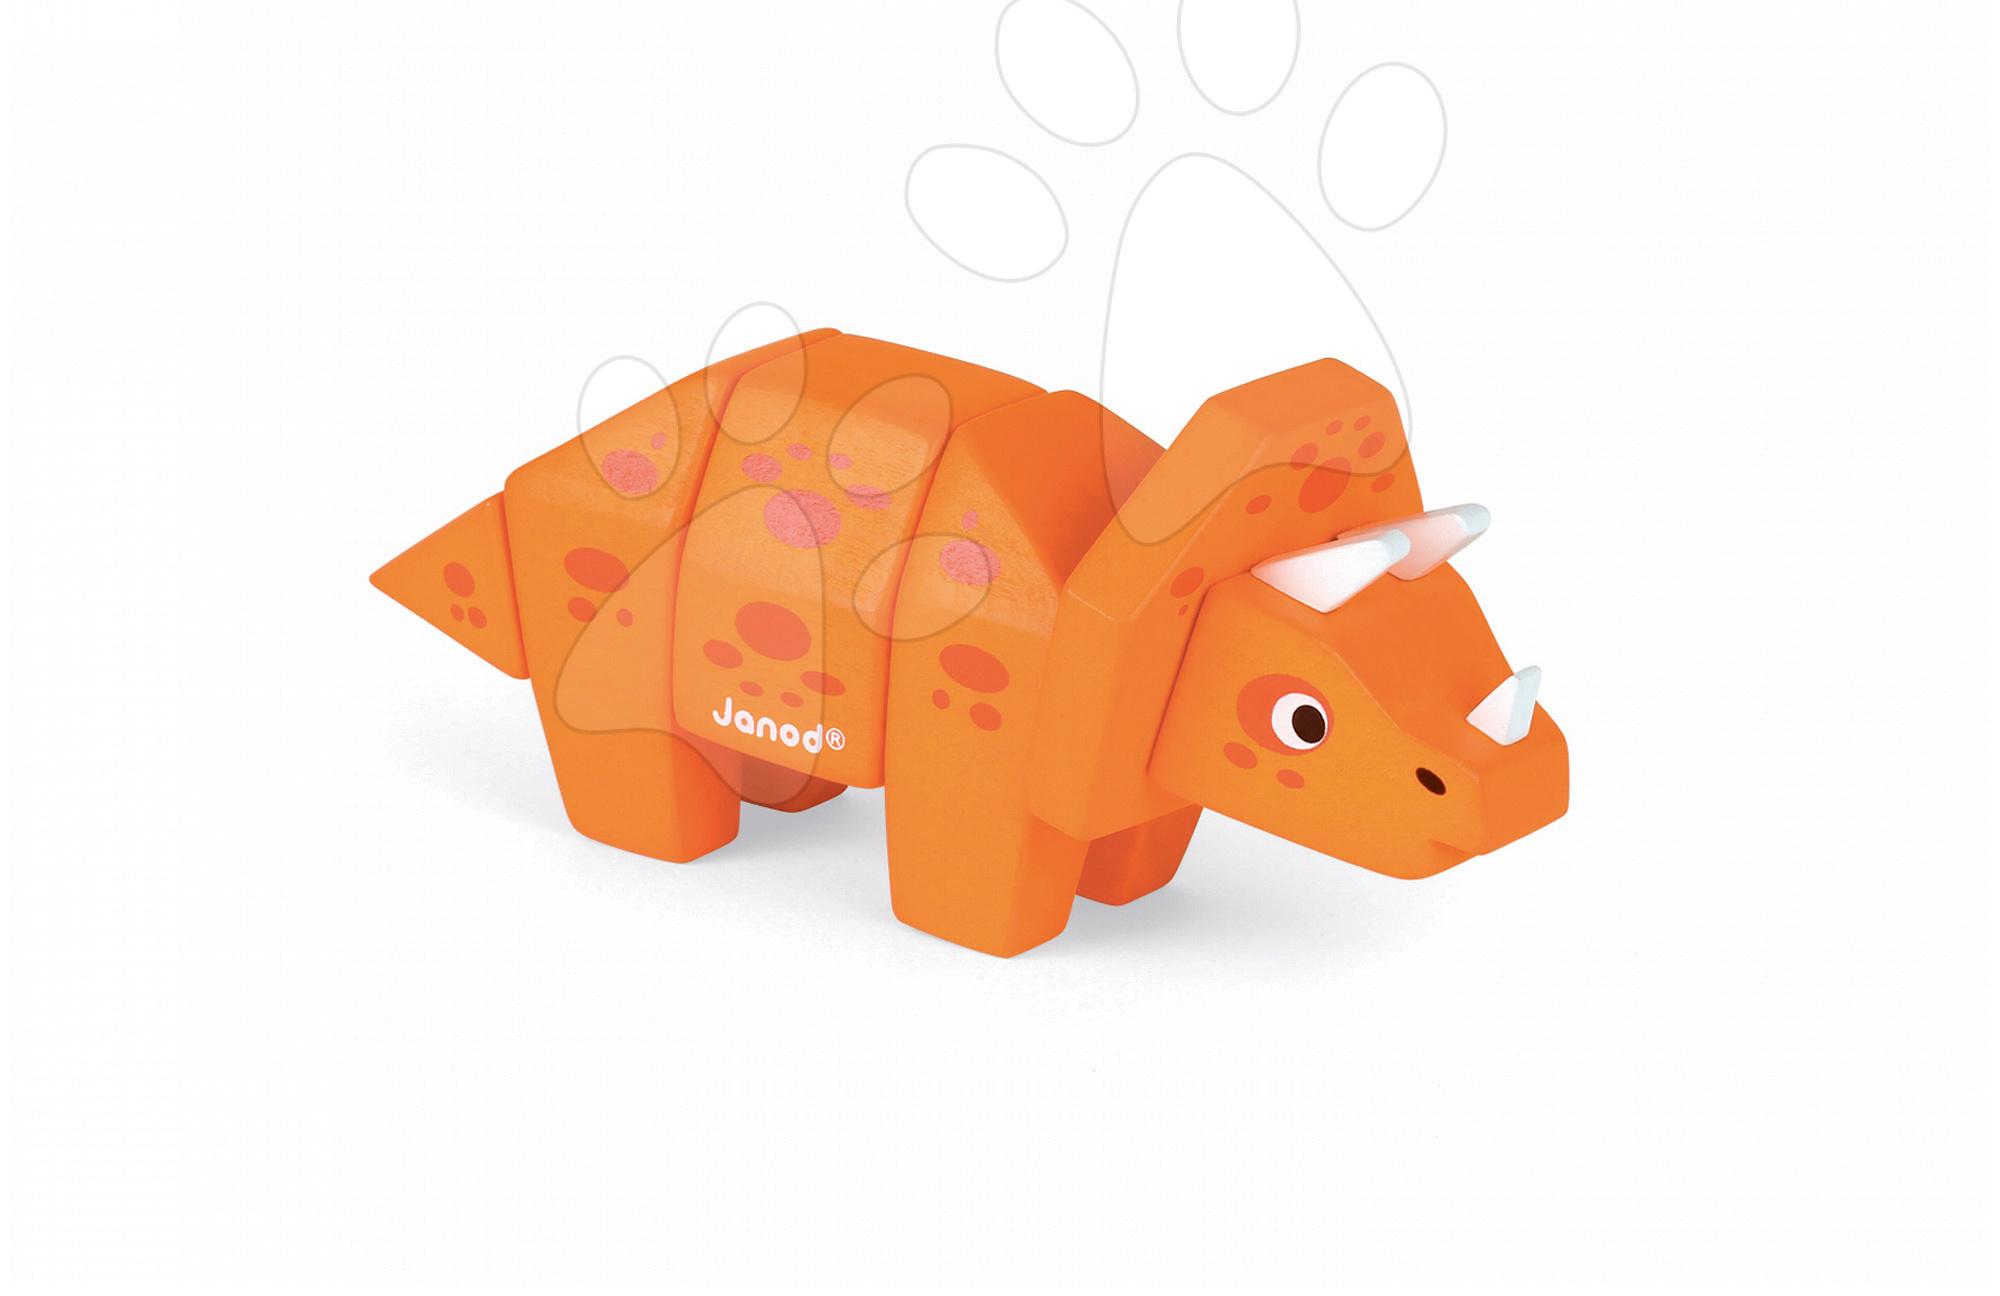 Vývoj motoriky - Drevené zvieratko Dino Triceratops Janod skladacie 5 dielov od 24 mes